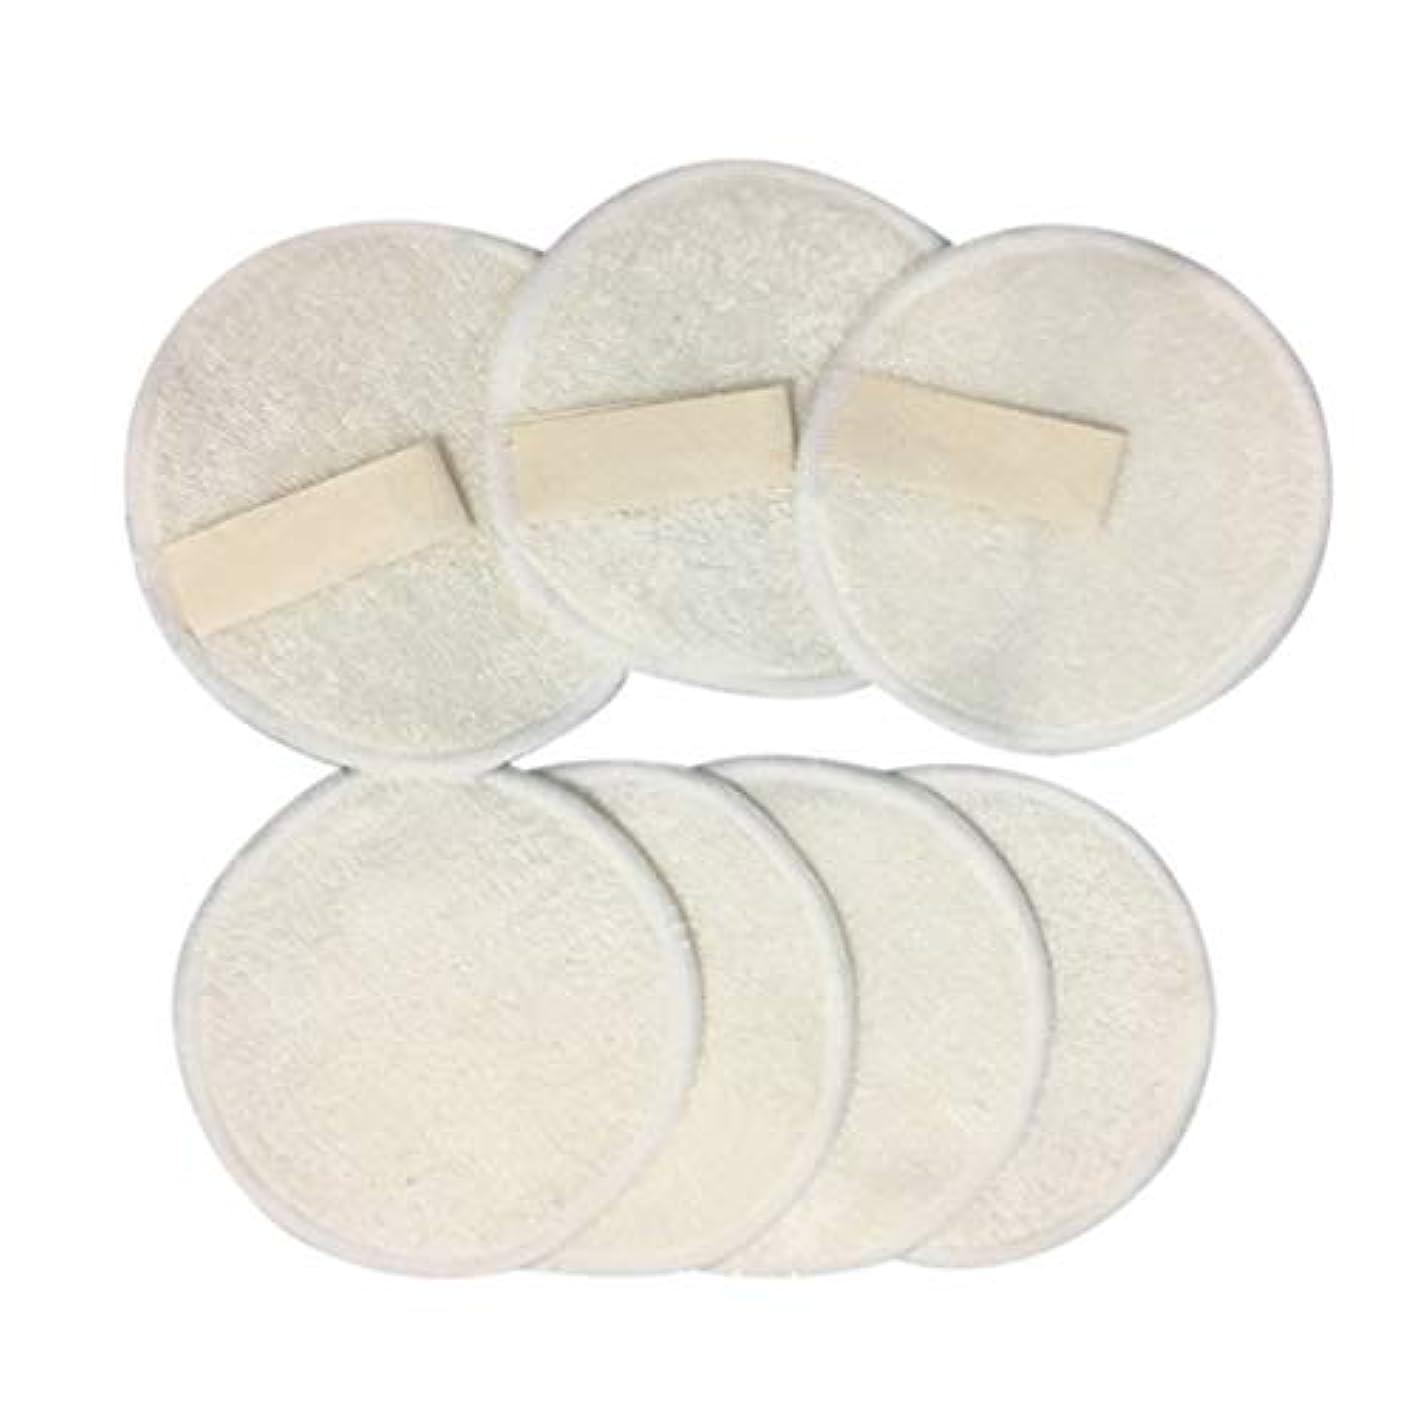 習字遺伝的噛むFrcolor 10ピース 竹メイクリムーバーパッド 3層 再利用可能 綿 ラウンド パッドクレンジングワイプウォッシャブルクリーンスキンケア用女性